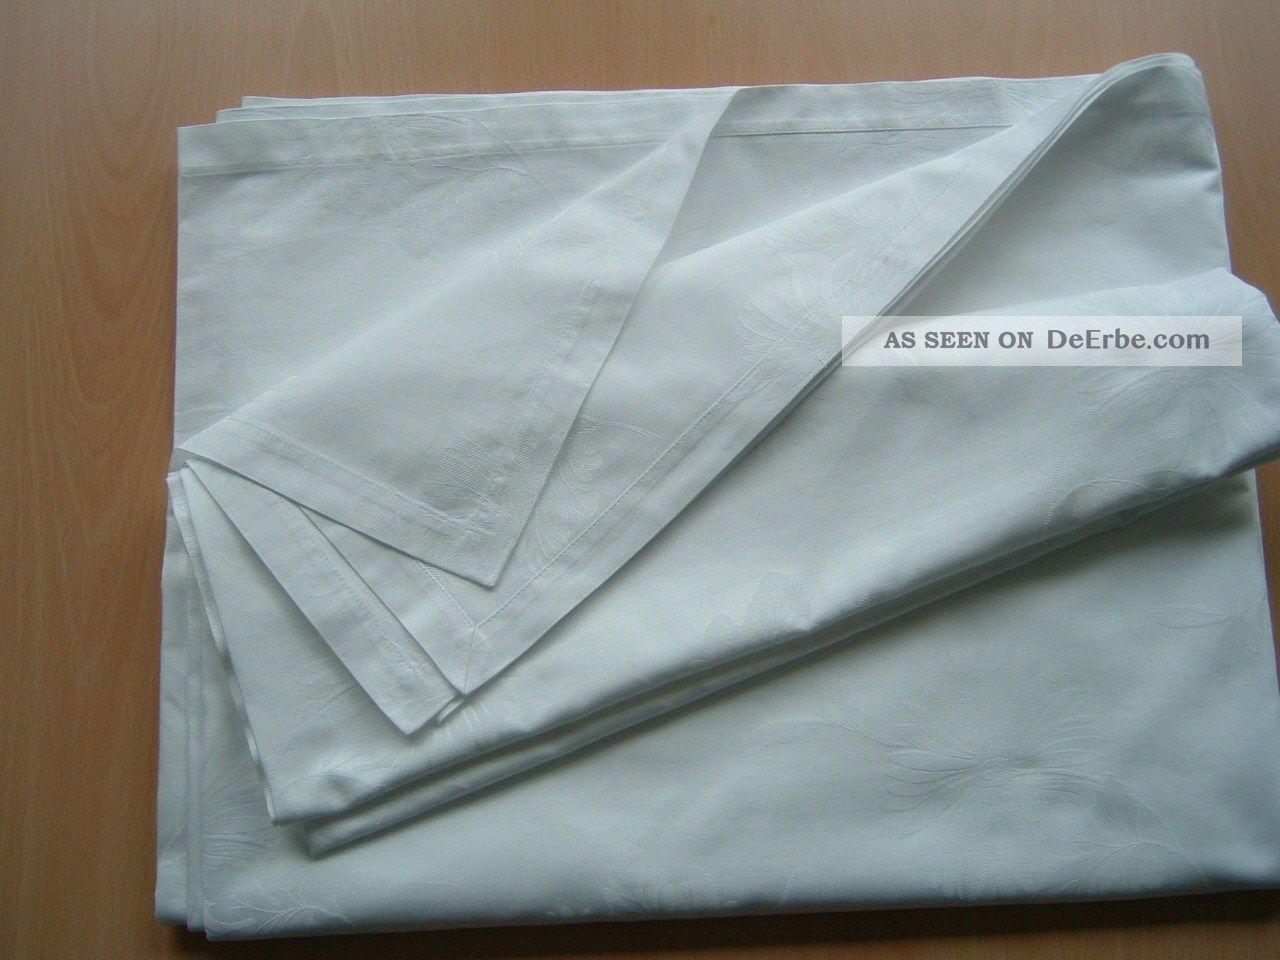 tischdecke tafeltuch damast weiss bl ten design 380x150 cm. Black Bedroom Furniture Sets. Home Design Ideas